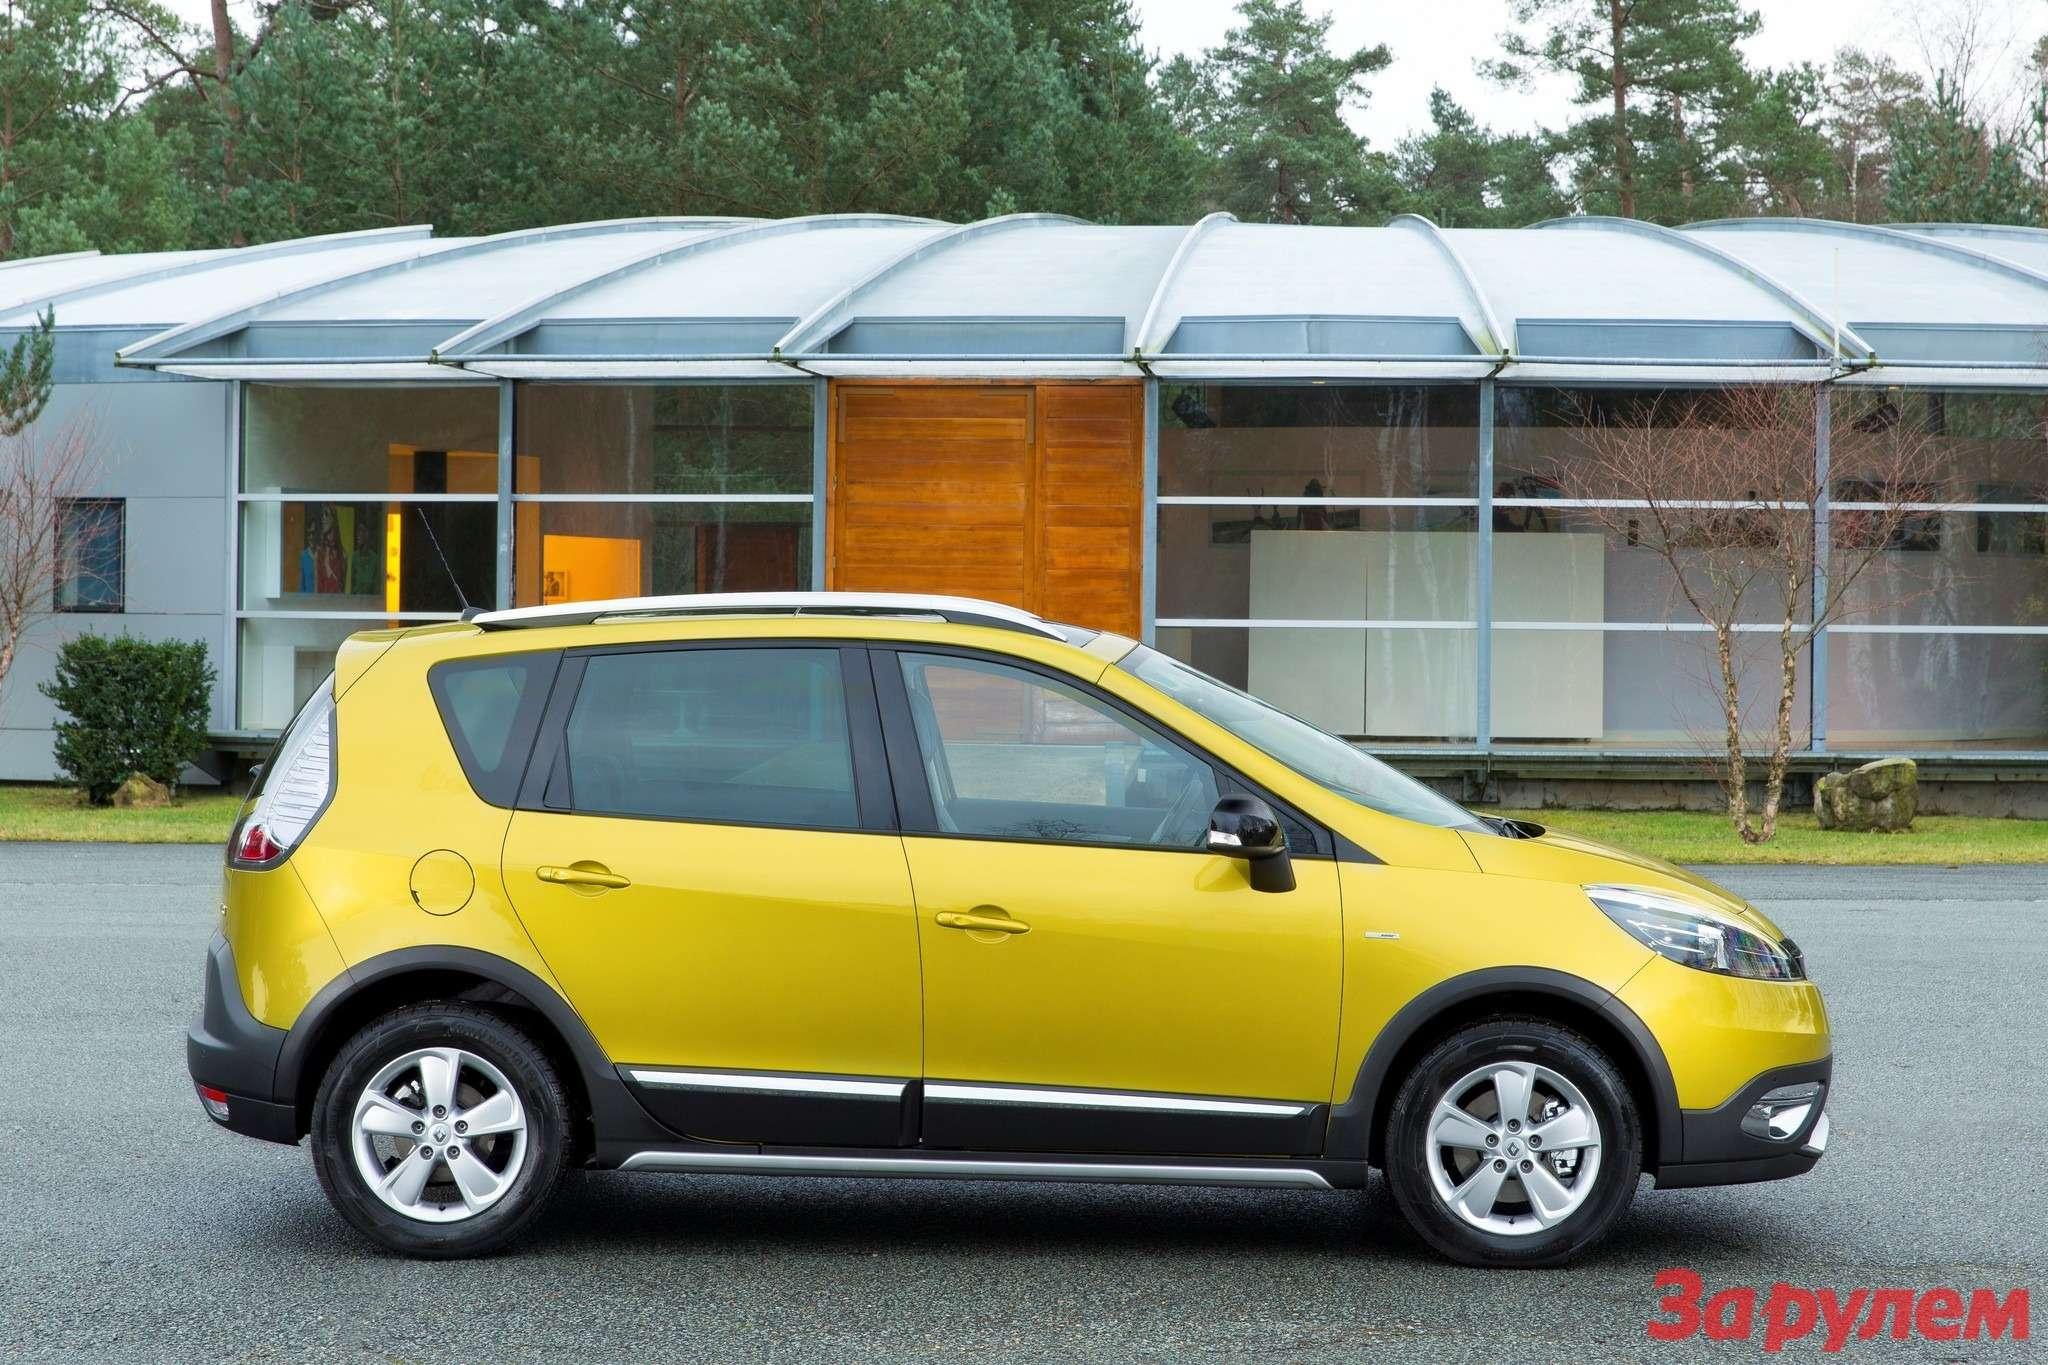 Renault_43603_global_en